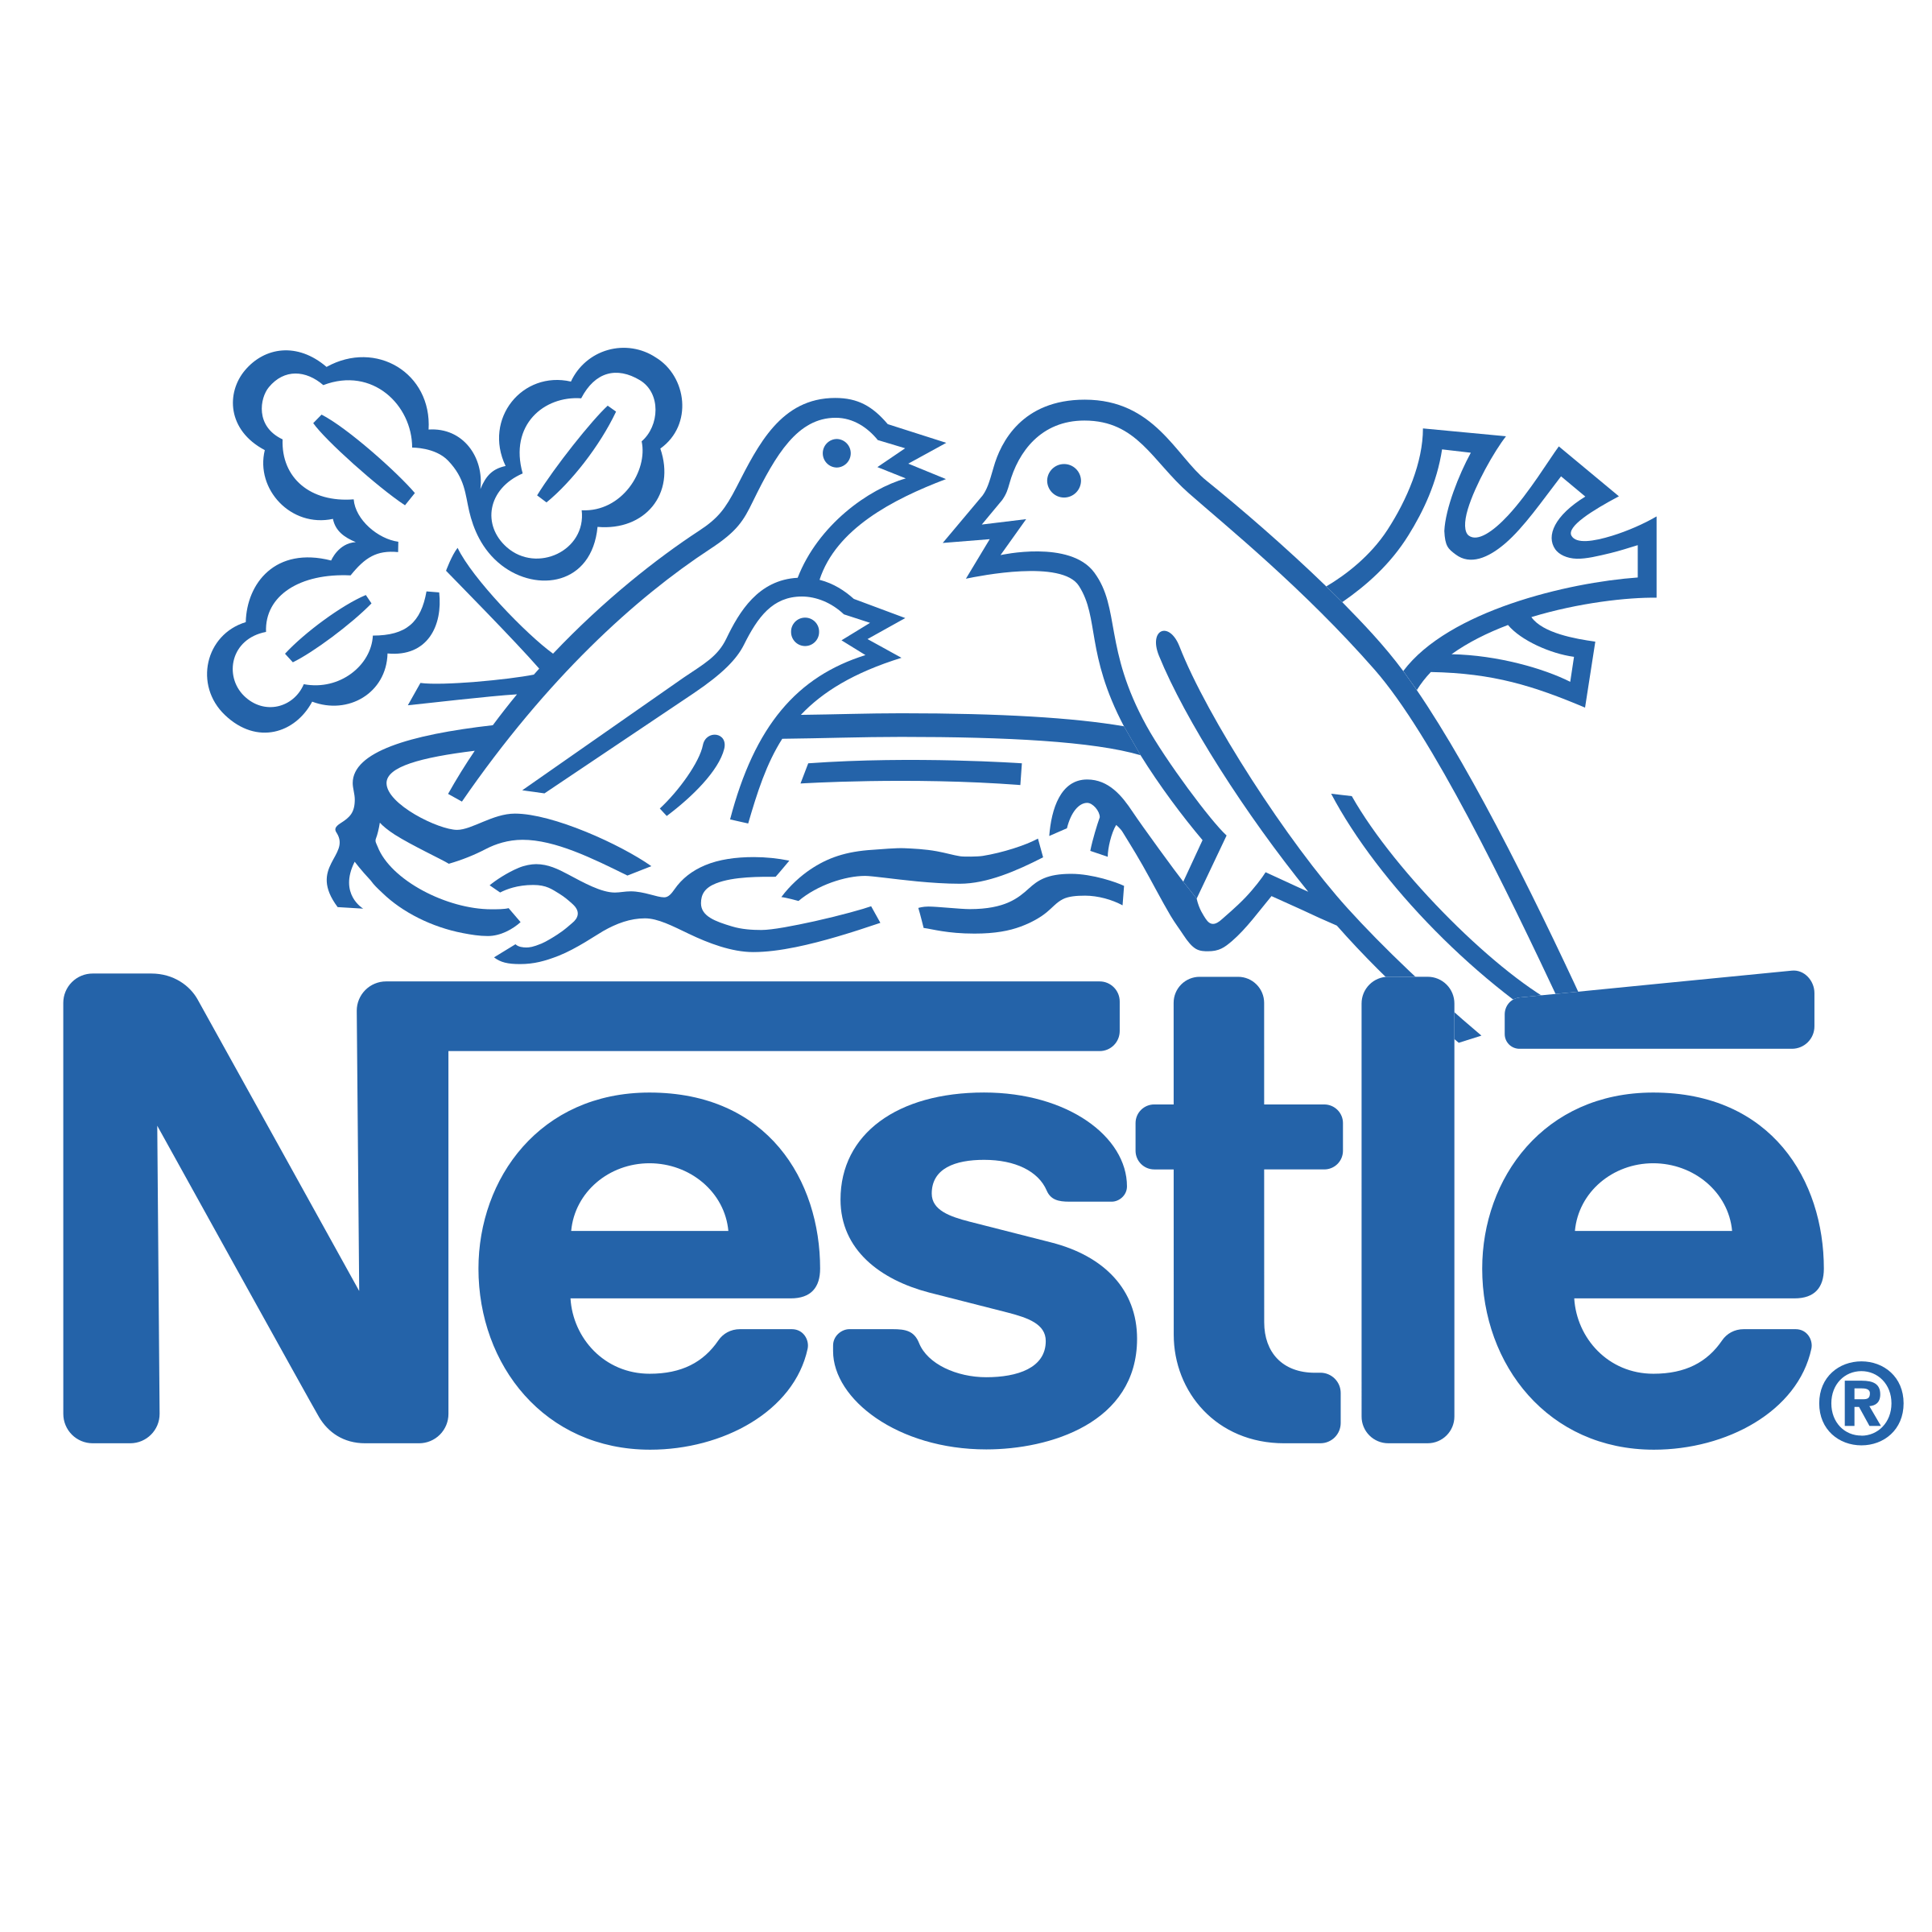 nestle-4-logo-png-transparent